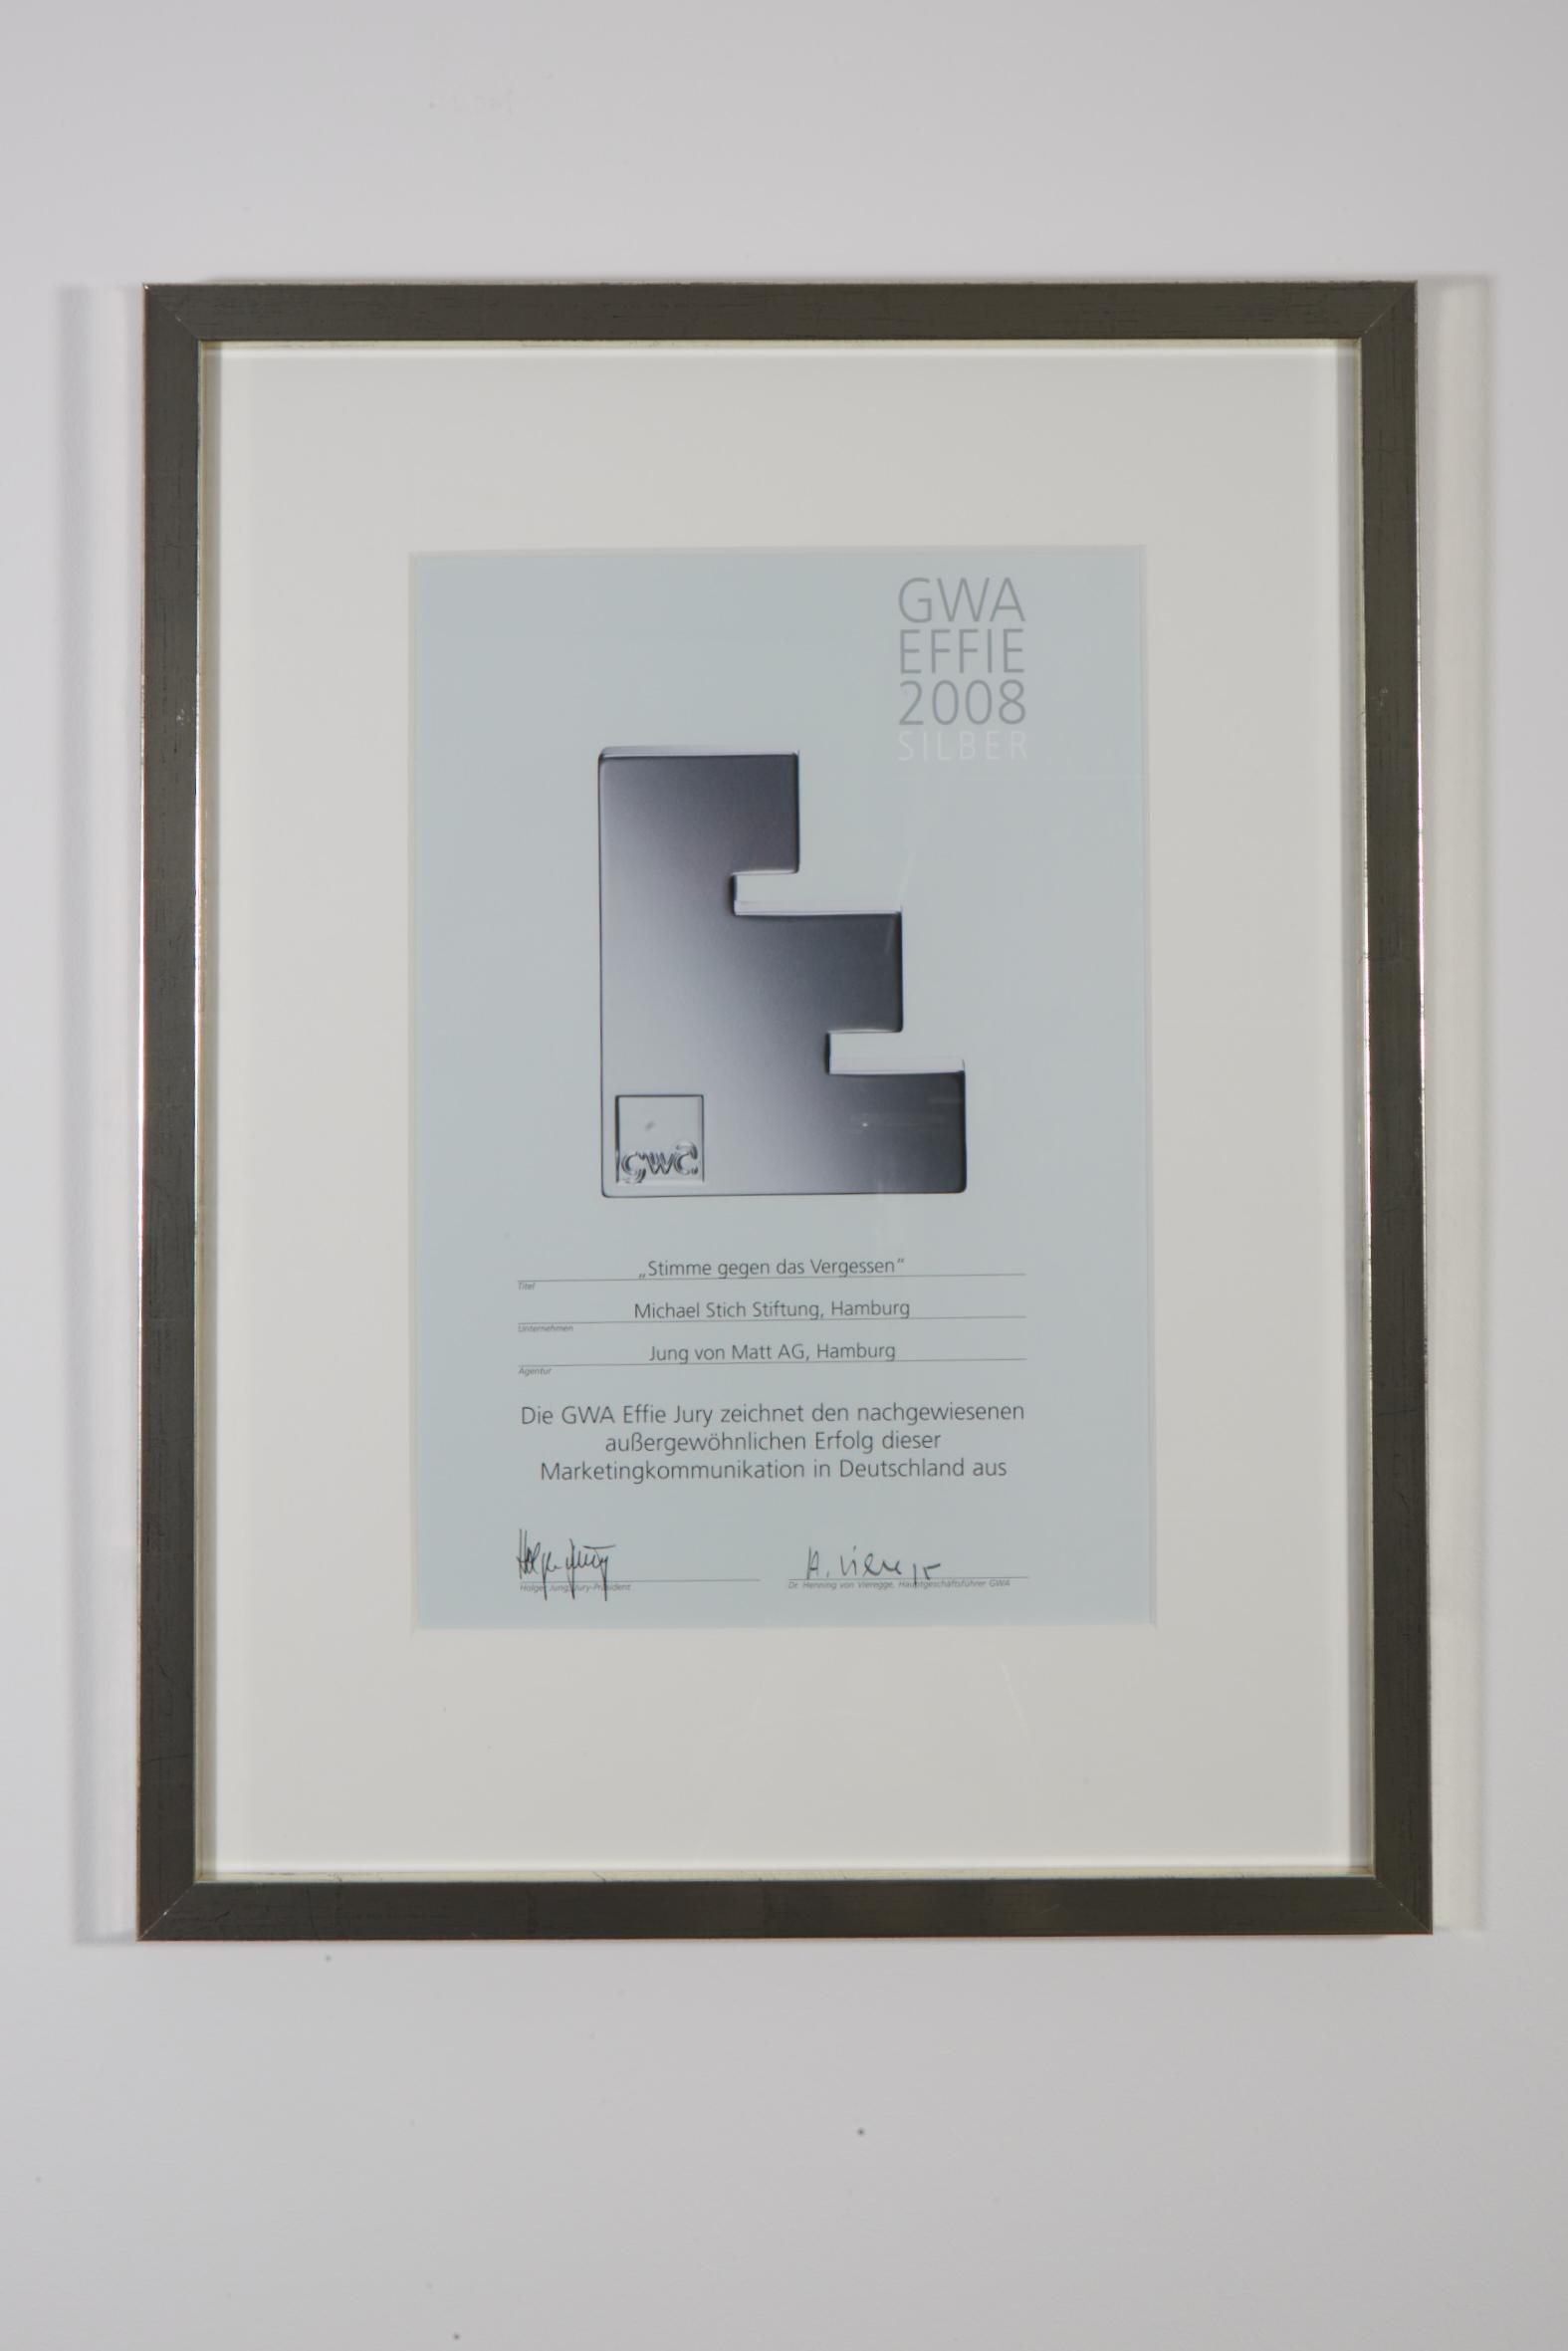 GWA Effie Preis, 2008